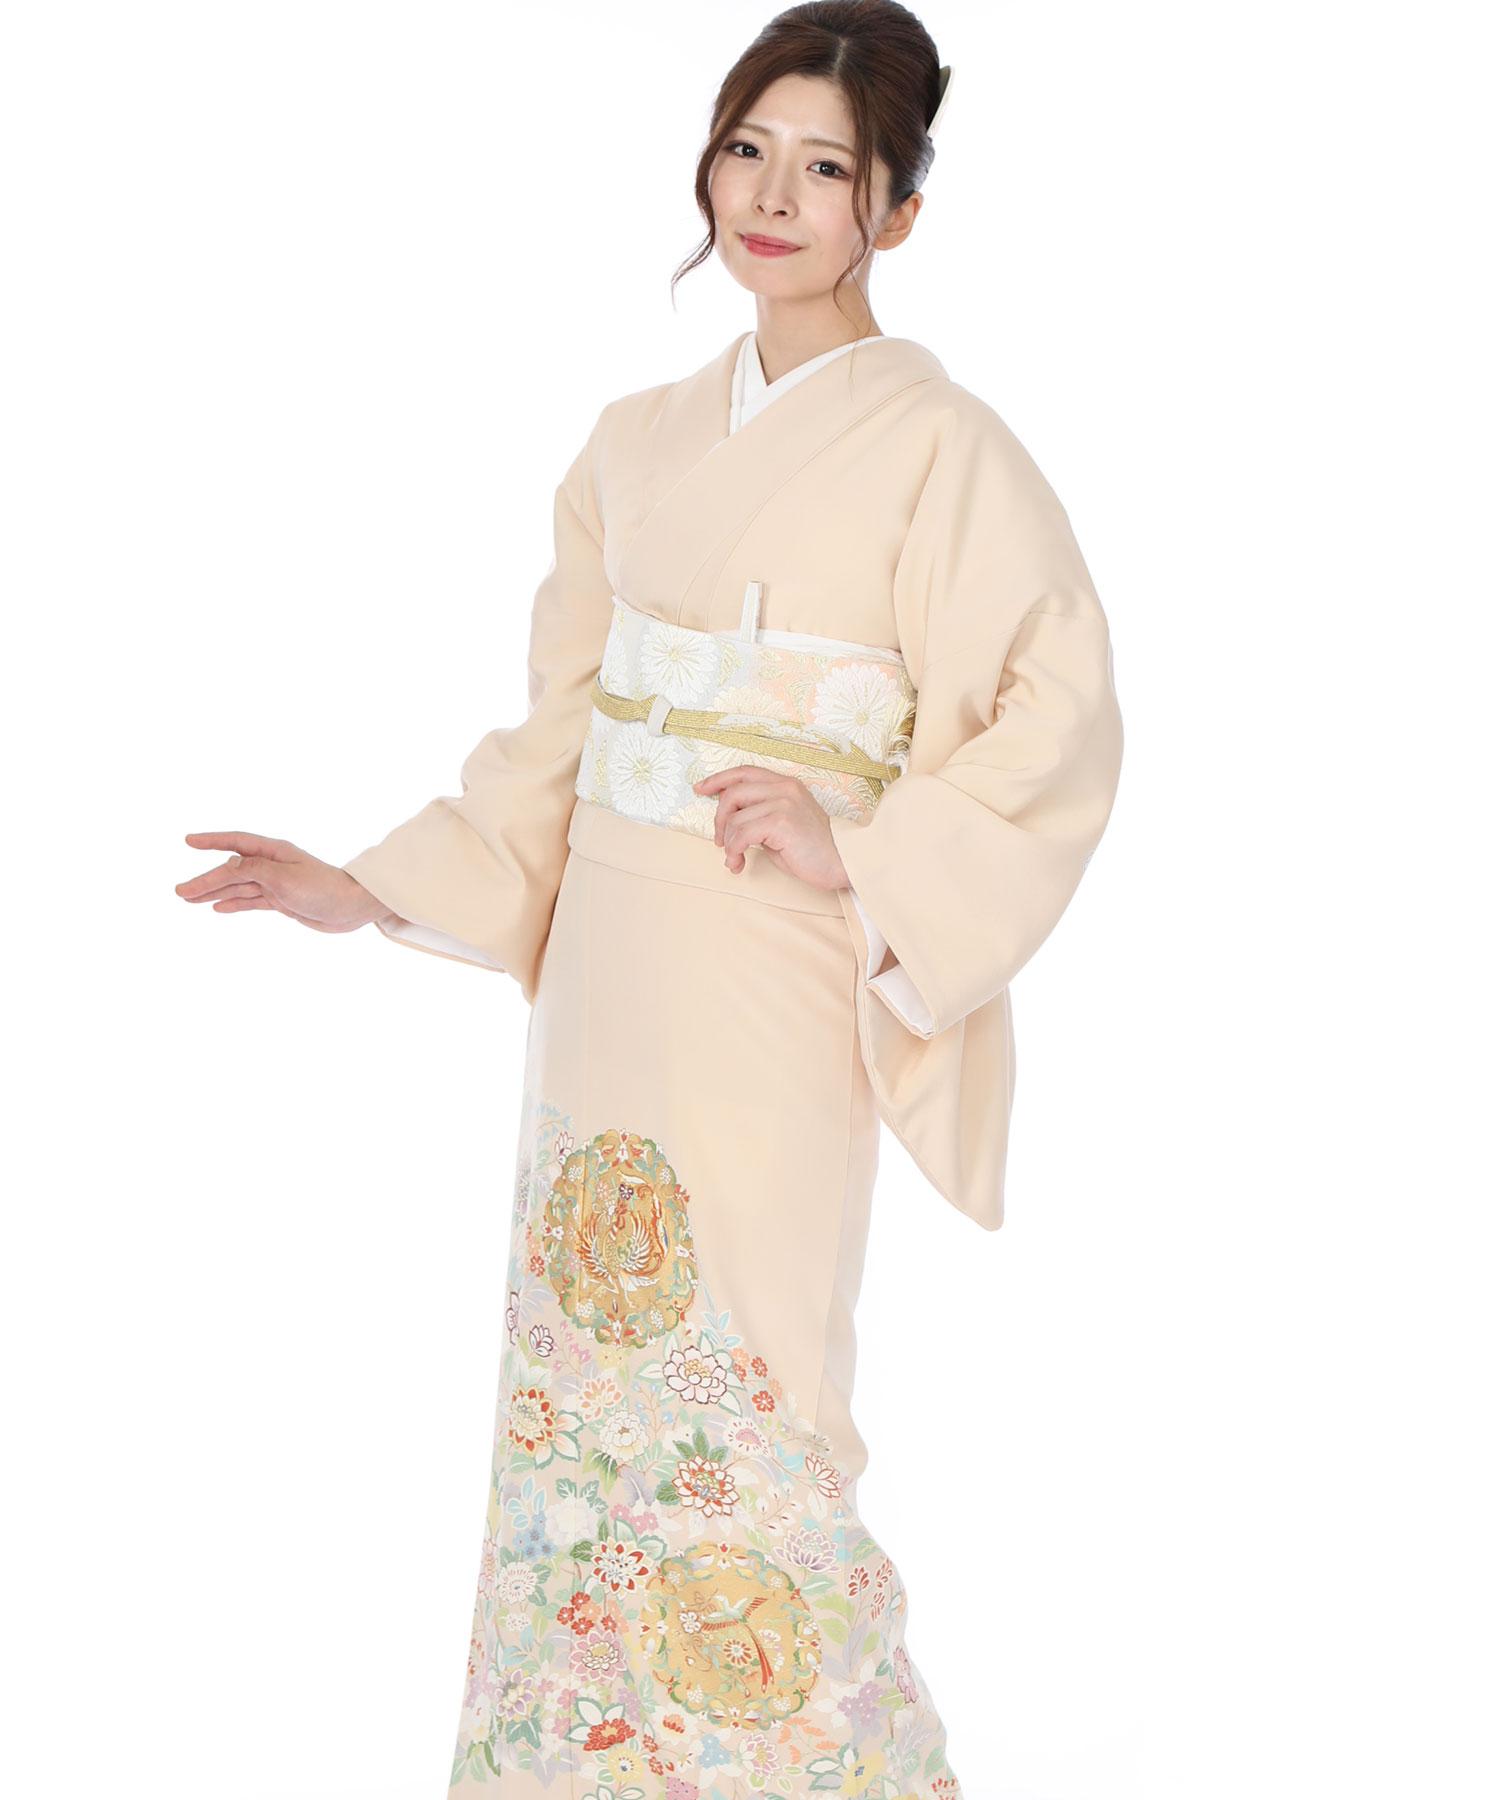 色留袖レンタル|淡い薄オレンジ色に鳳凰と花